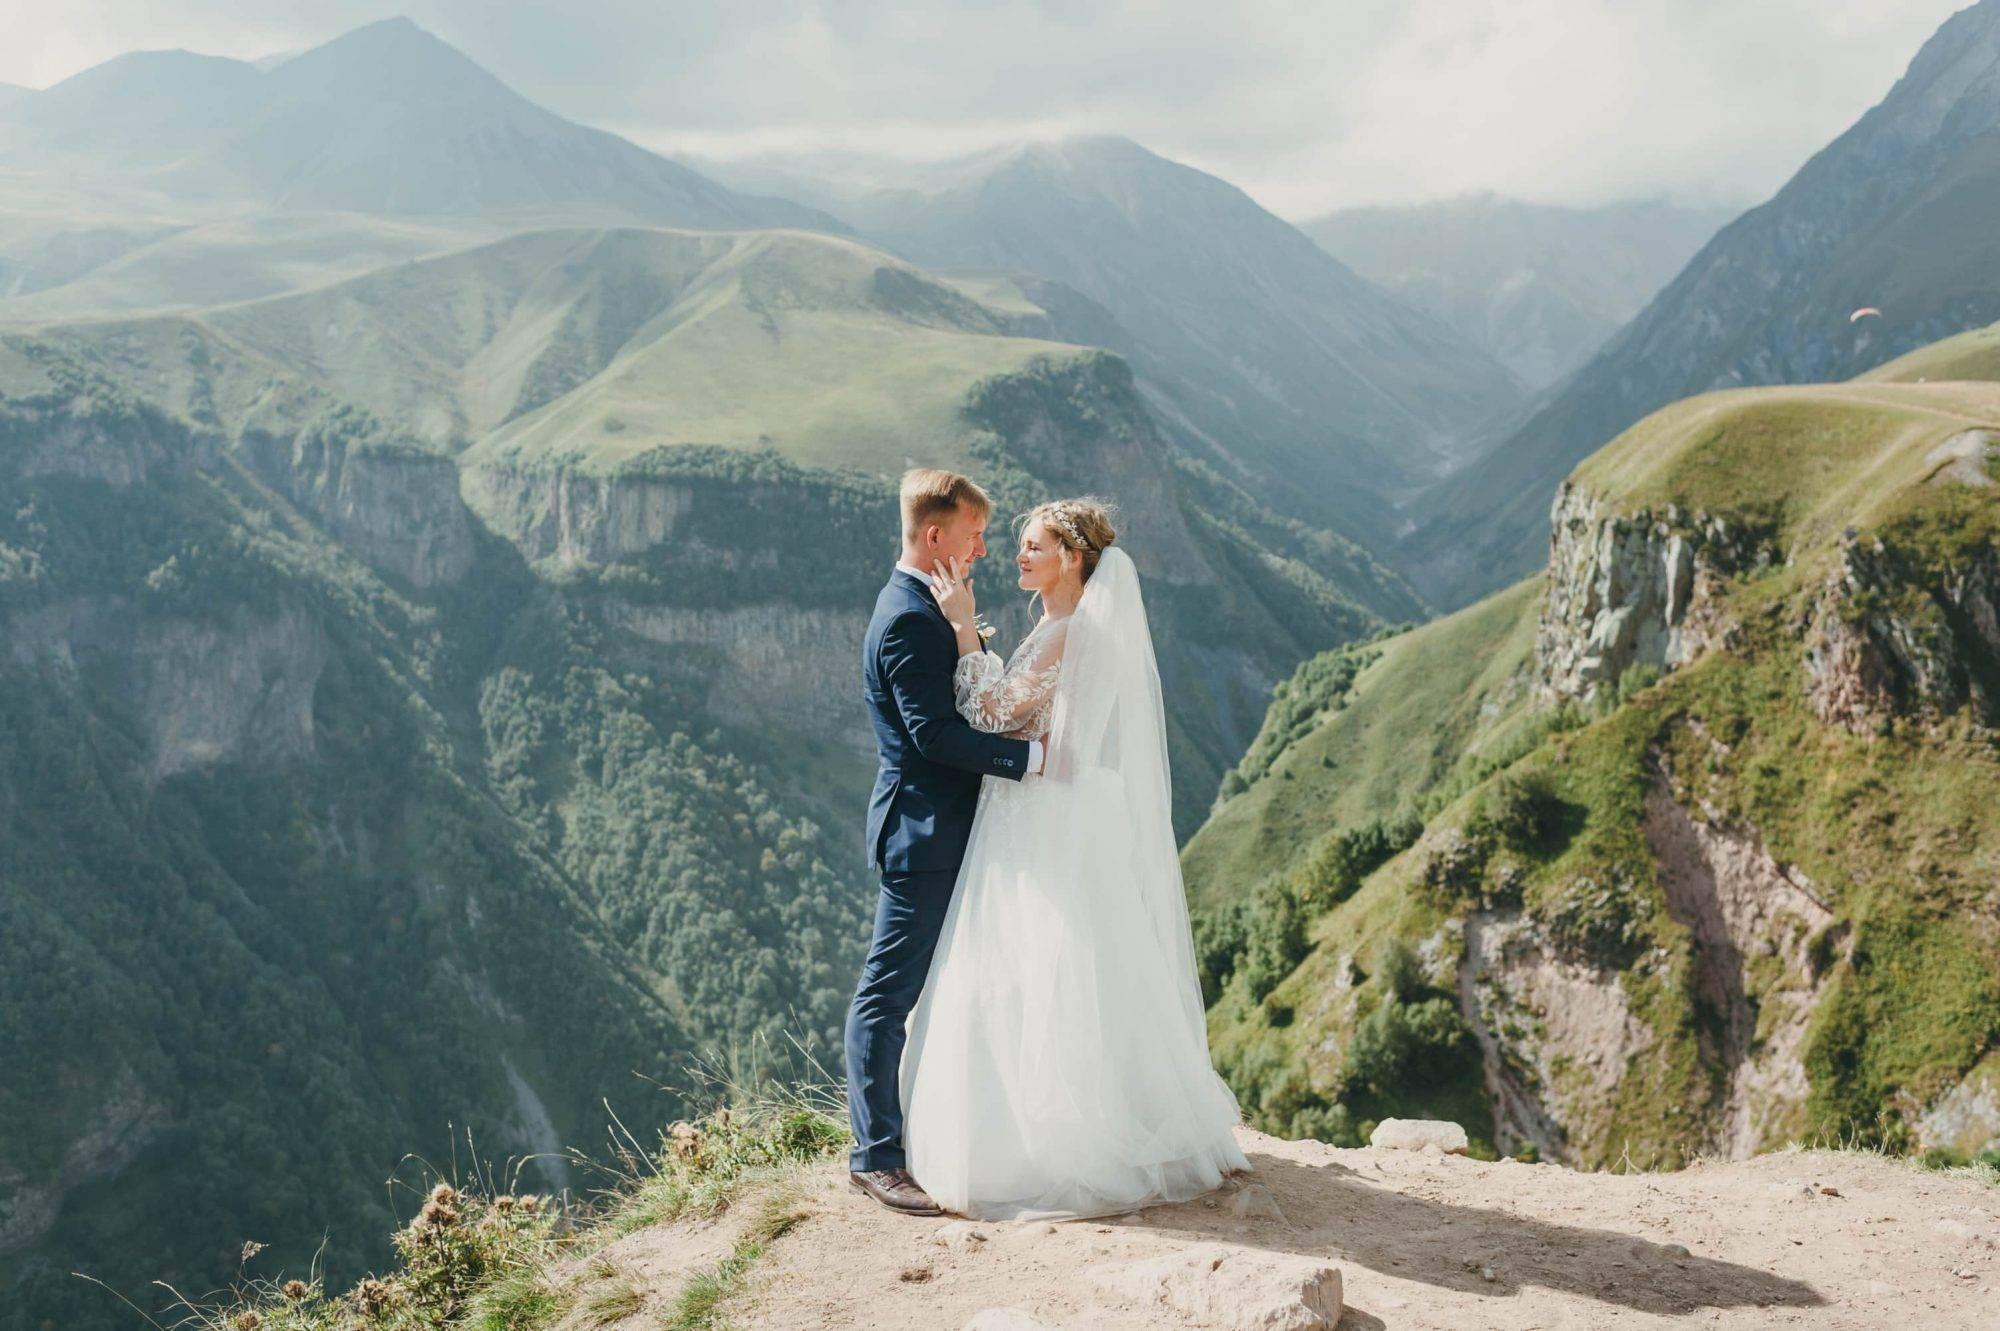 Свадебная фотосессия на природе (51 фото): идеи для съемки в лесу и в поле в день свадьбы для жениха и невесты